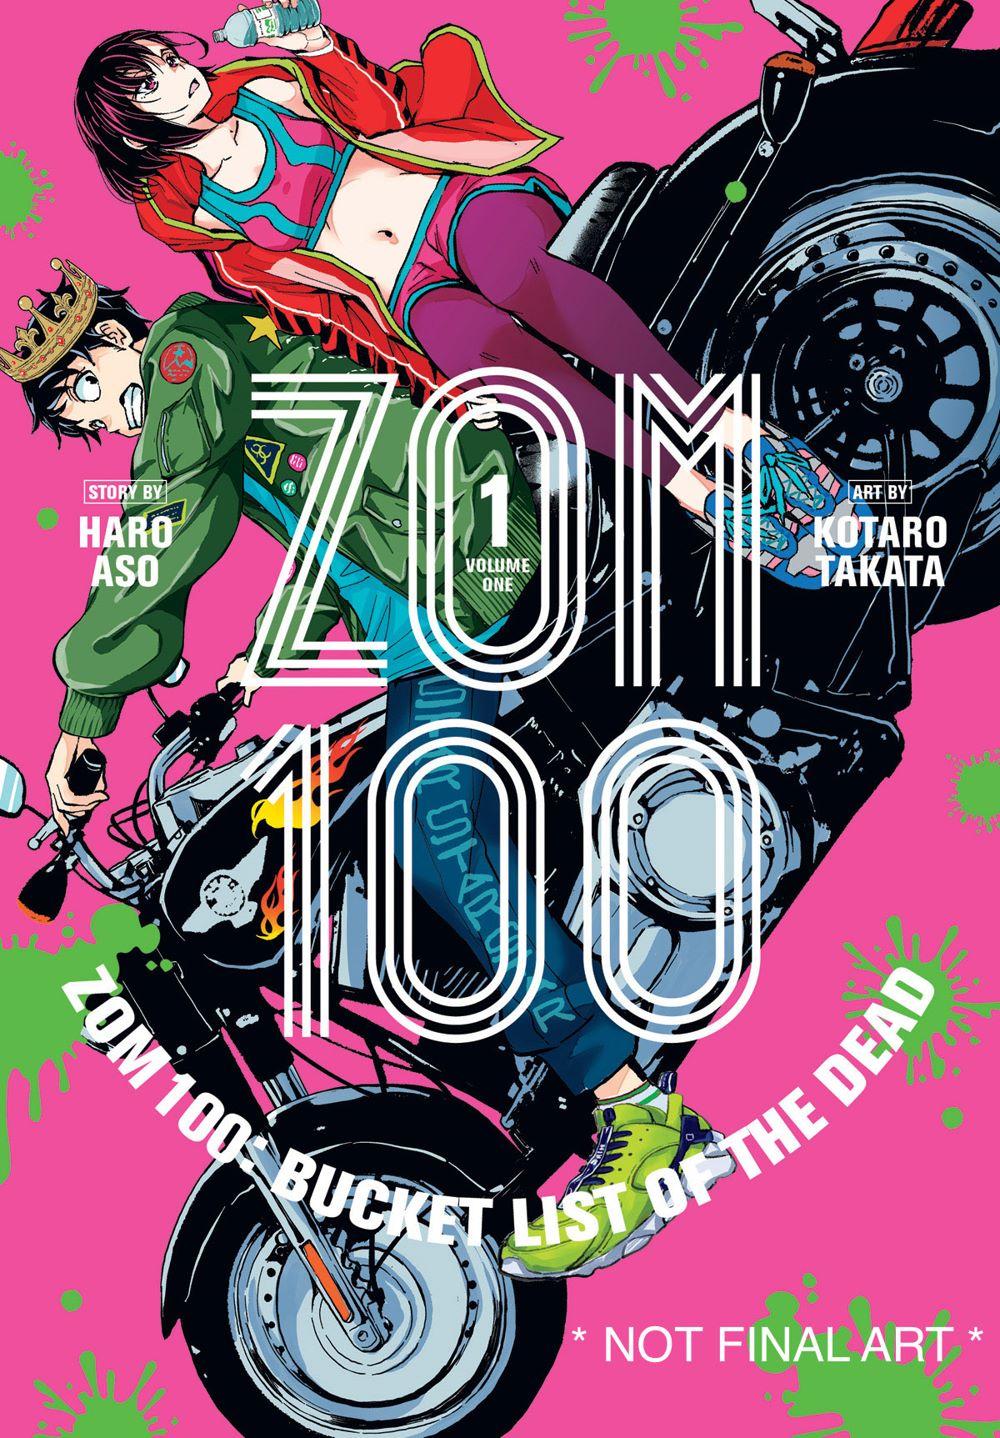 FCBD21_GOLD_VIZ-Media_Zom-100-Demon-Slayer Free Comic Book Day 2021 Gold Sponsor Comic Books announced